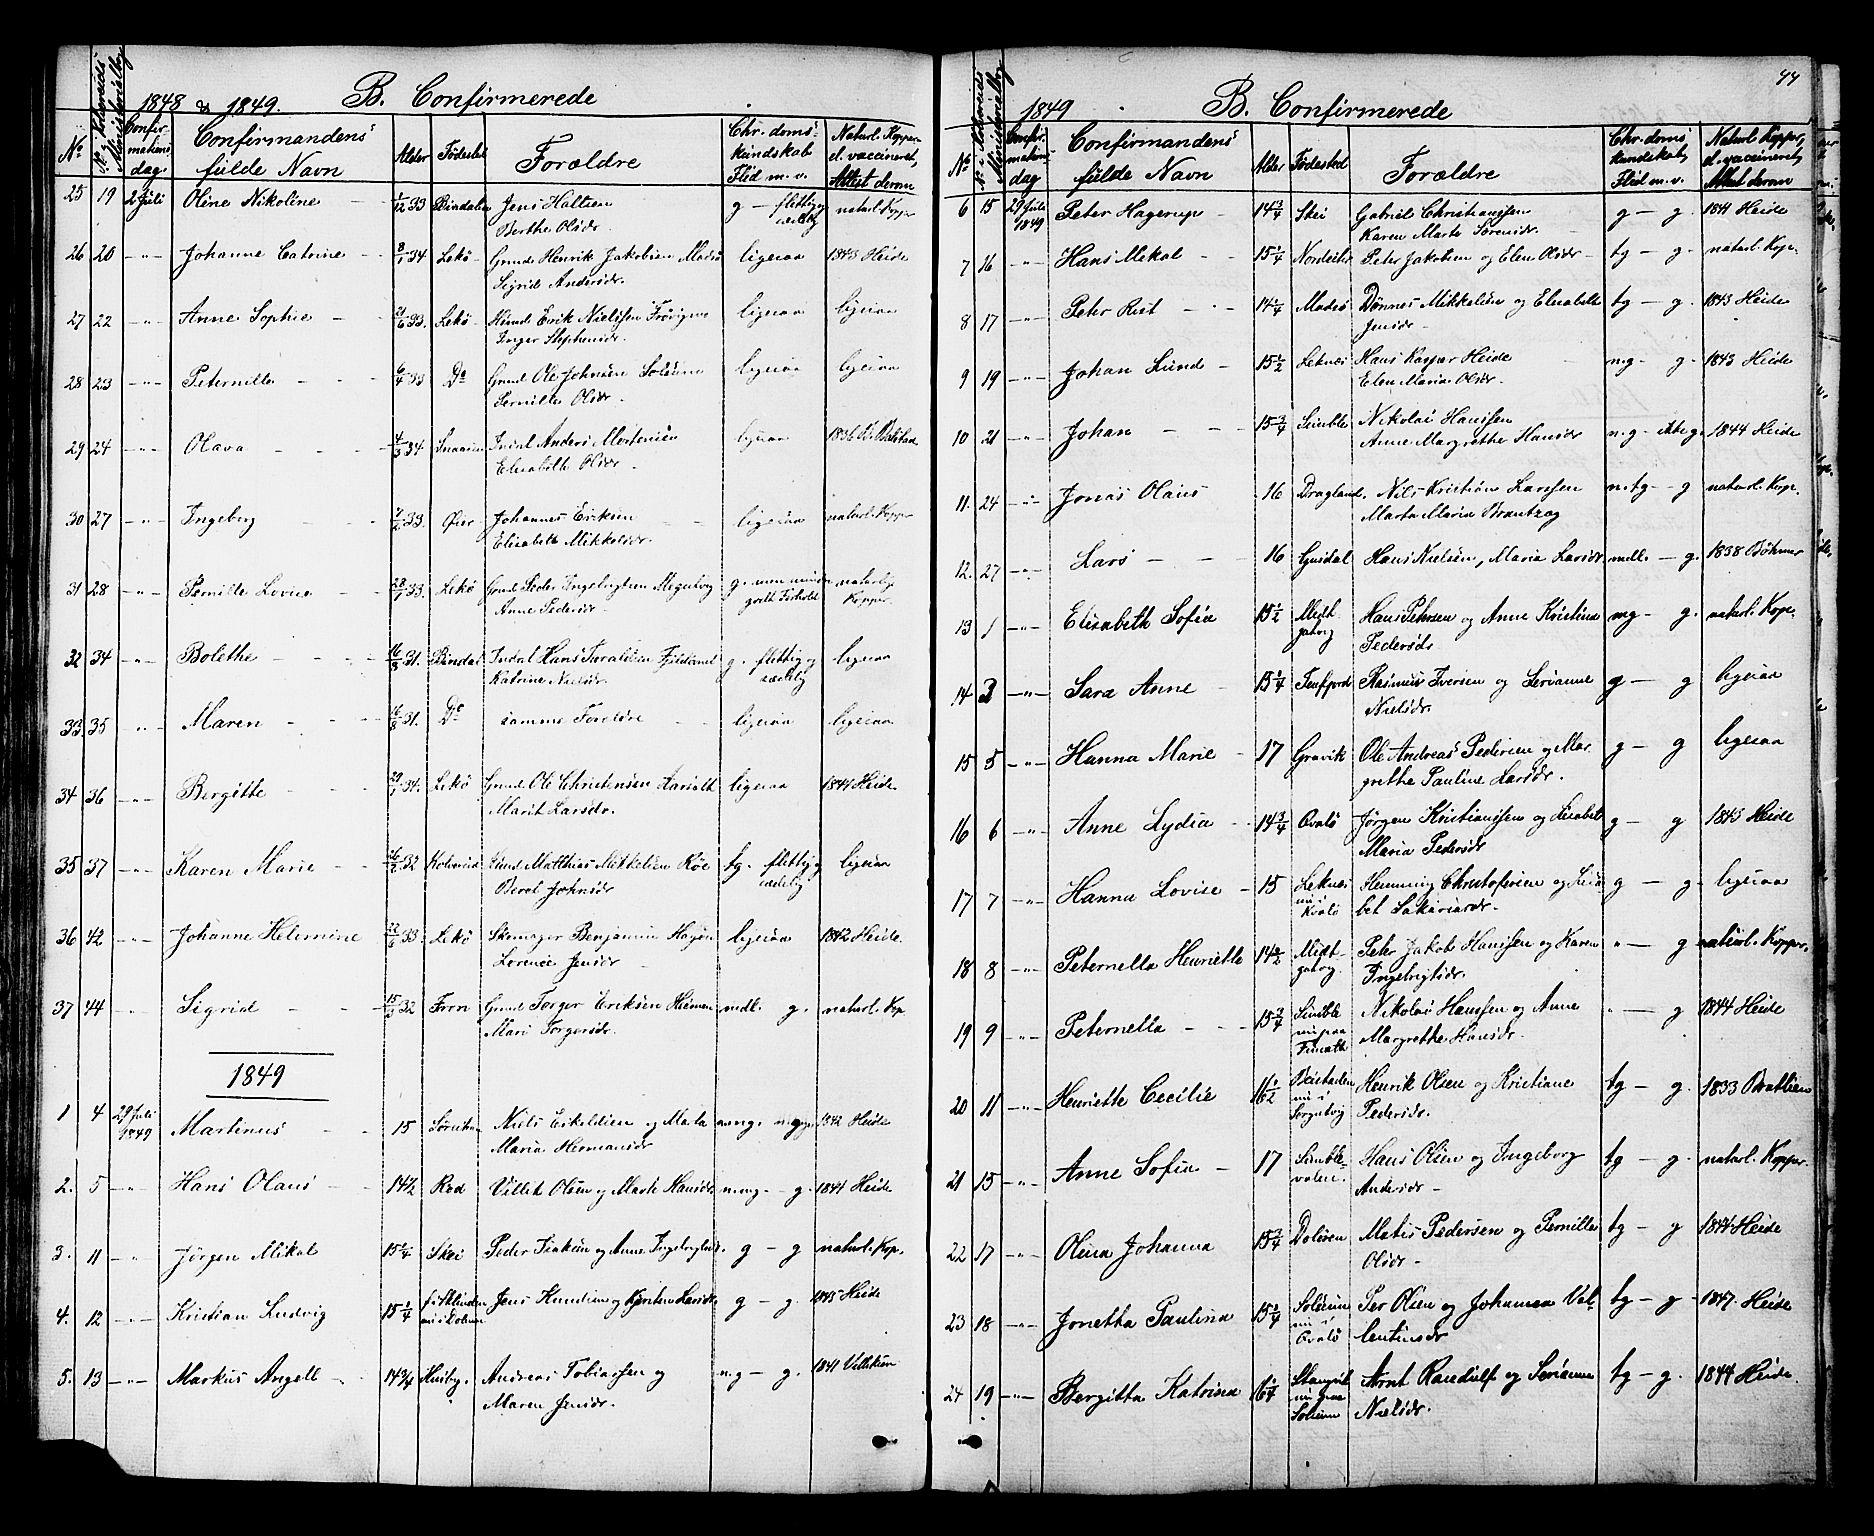 SAT, Ministerialprotokoller, klokkerbøker og fødselsregistre - Nord-Trøndelag, 788/L0695: Ministerialbok nr. 788A02, 1843-1862, s. 44